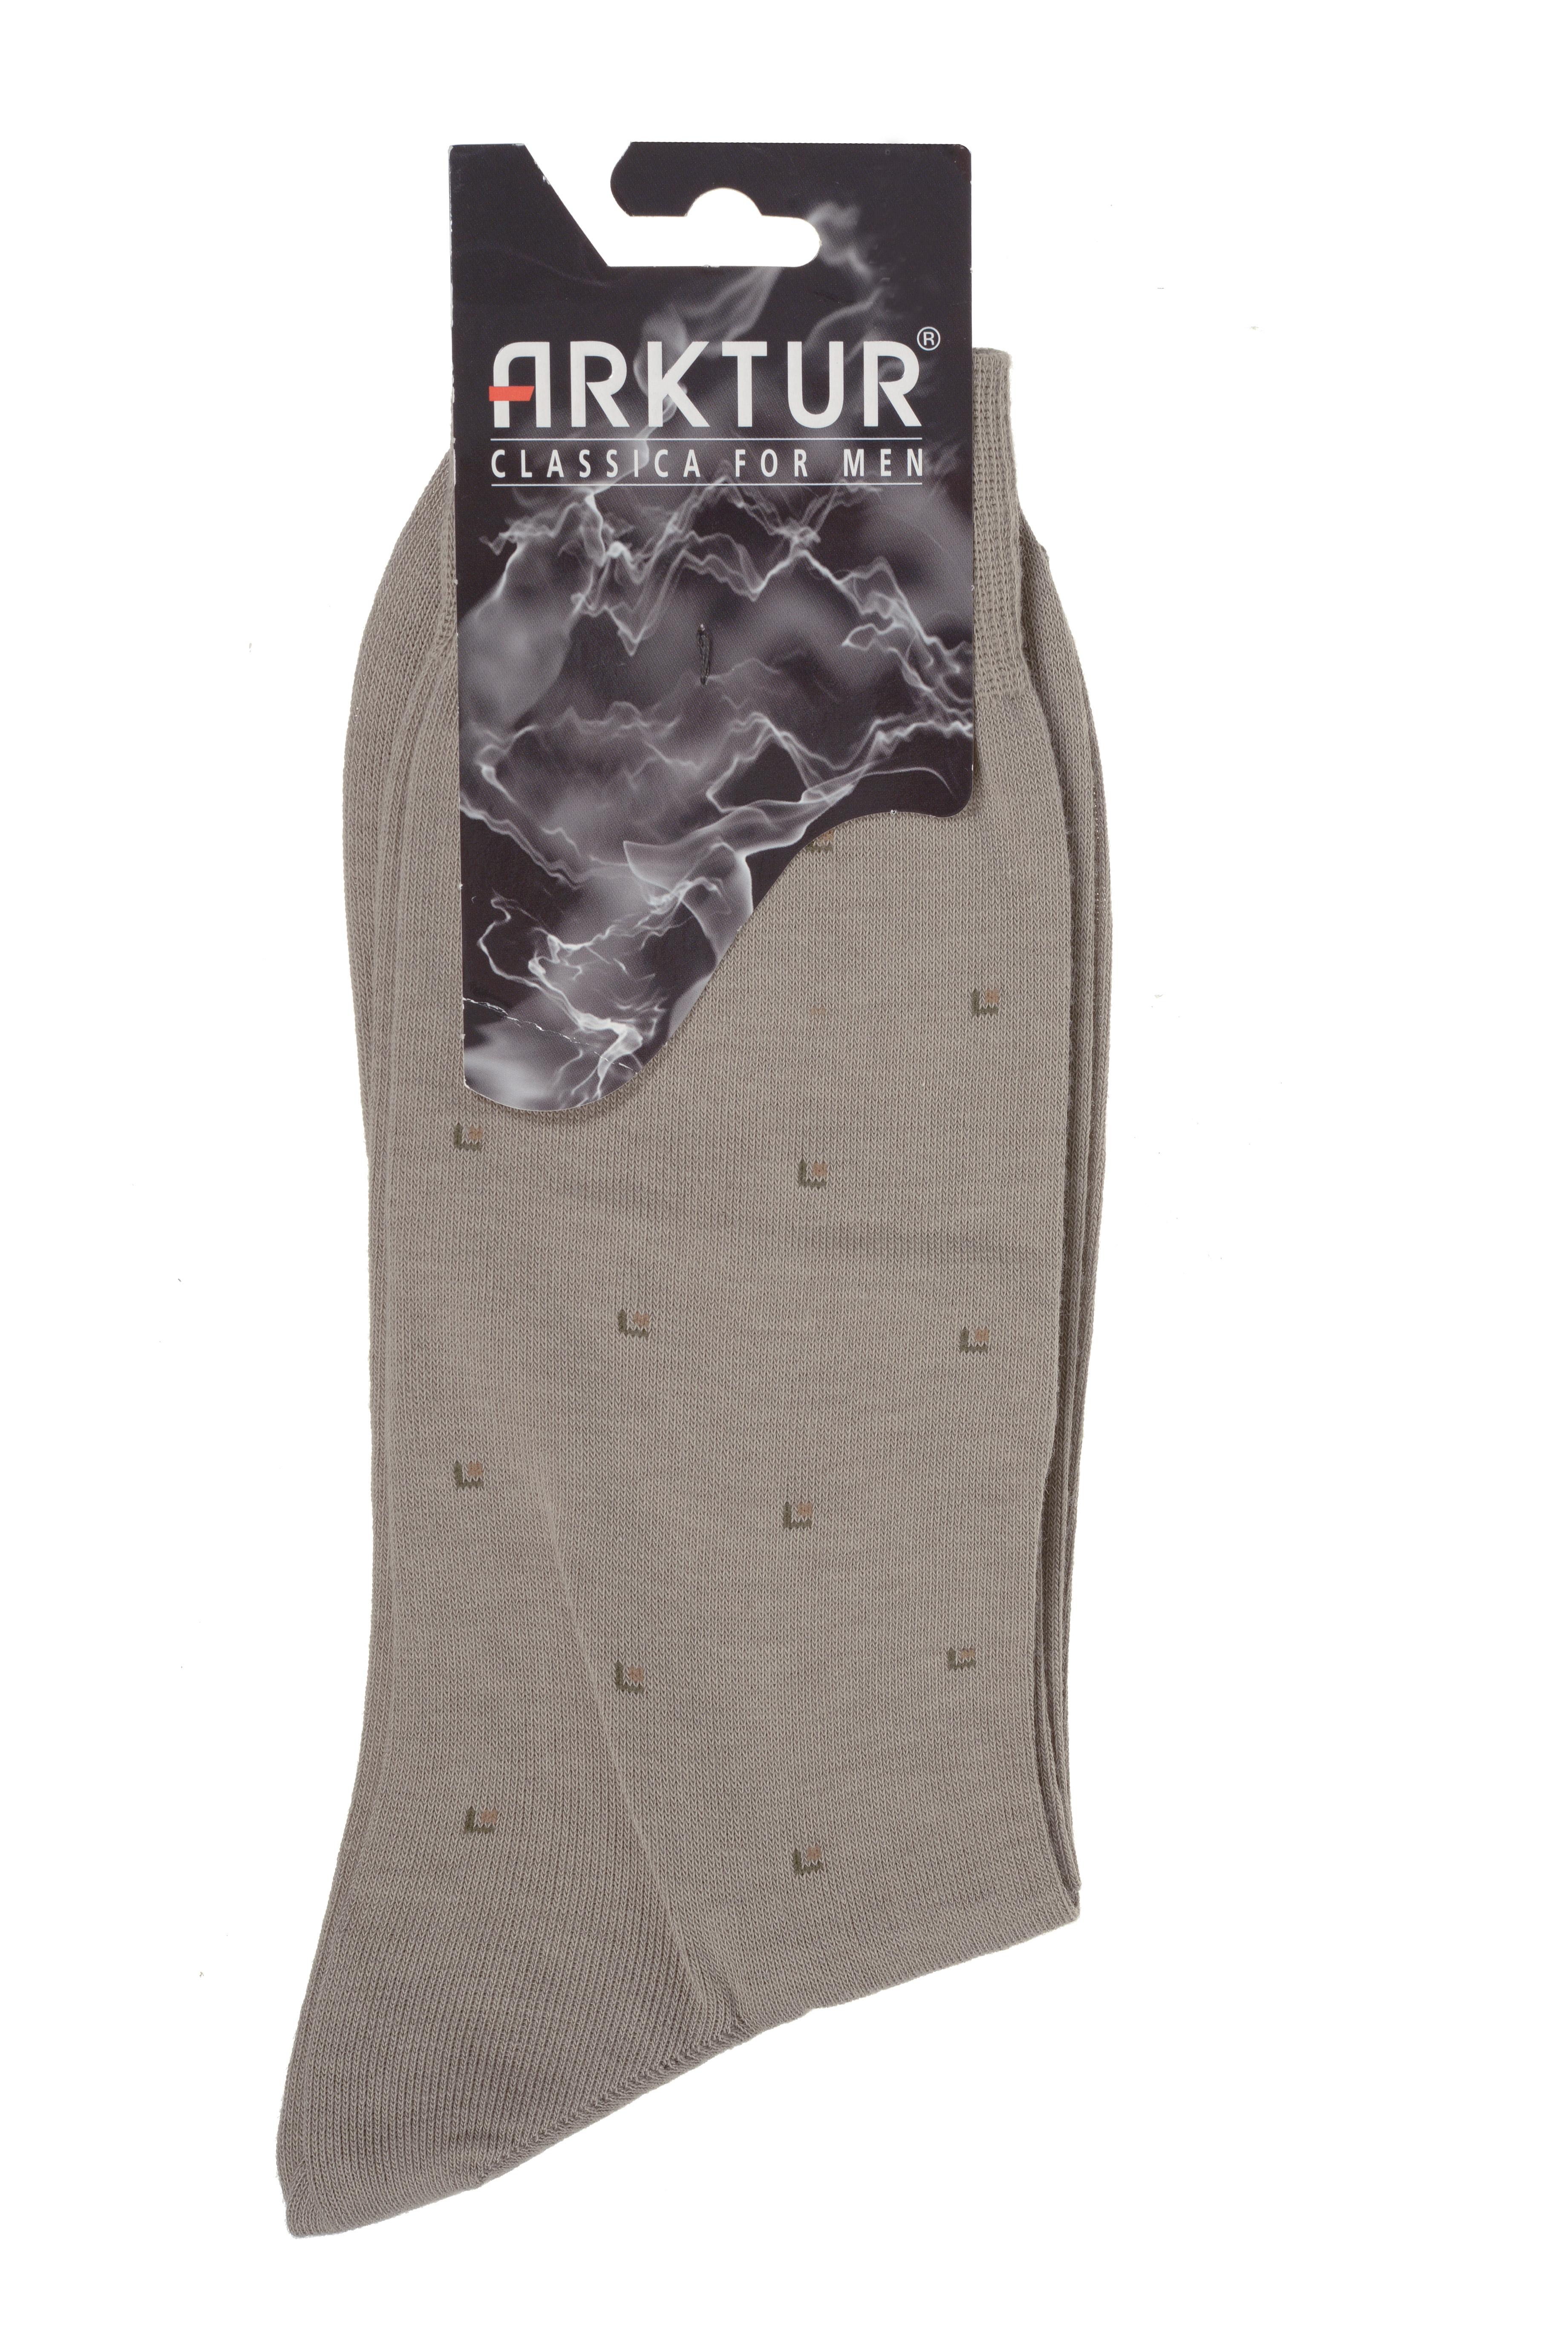 Носки мужские Arktur, цвет: бежевый. Л 209. Размер 44/45Л 209Мужские носки Arktur изготовлены из хлопка с добавлением полиамида. Материал тактильно приятный, хорошо пропускает воздух. Носки дополнены комфортной эластичной резинкой. Изделие оформлено мелким абстрактным принтом. Удобные и прочные носки станут отличным дополнением к вашему гардеробу.